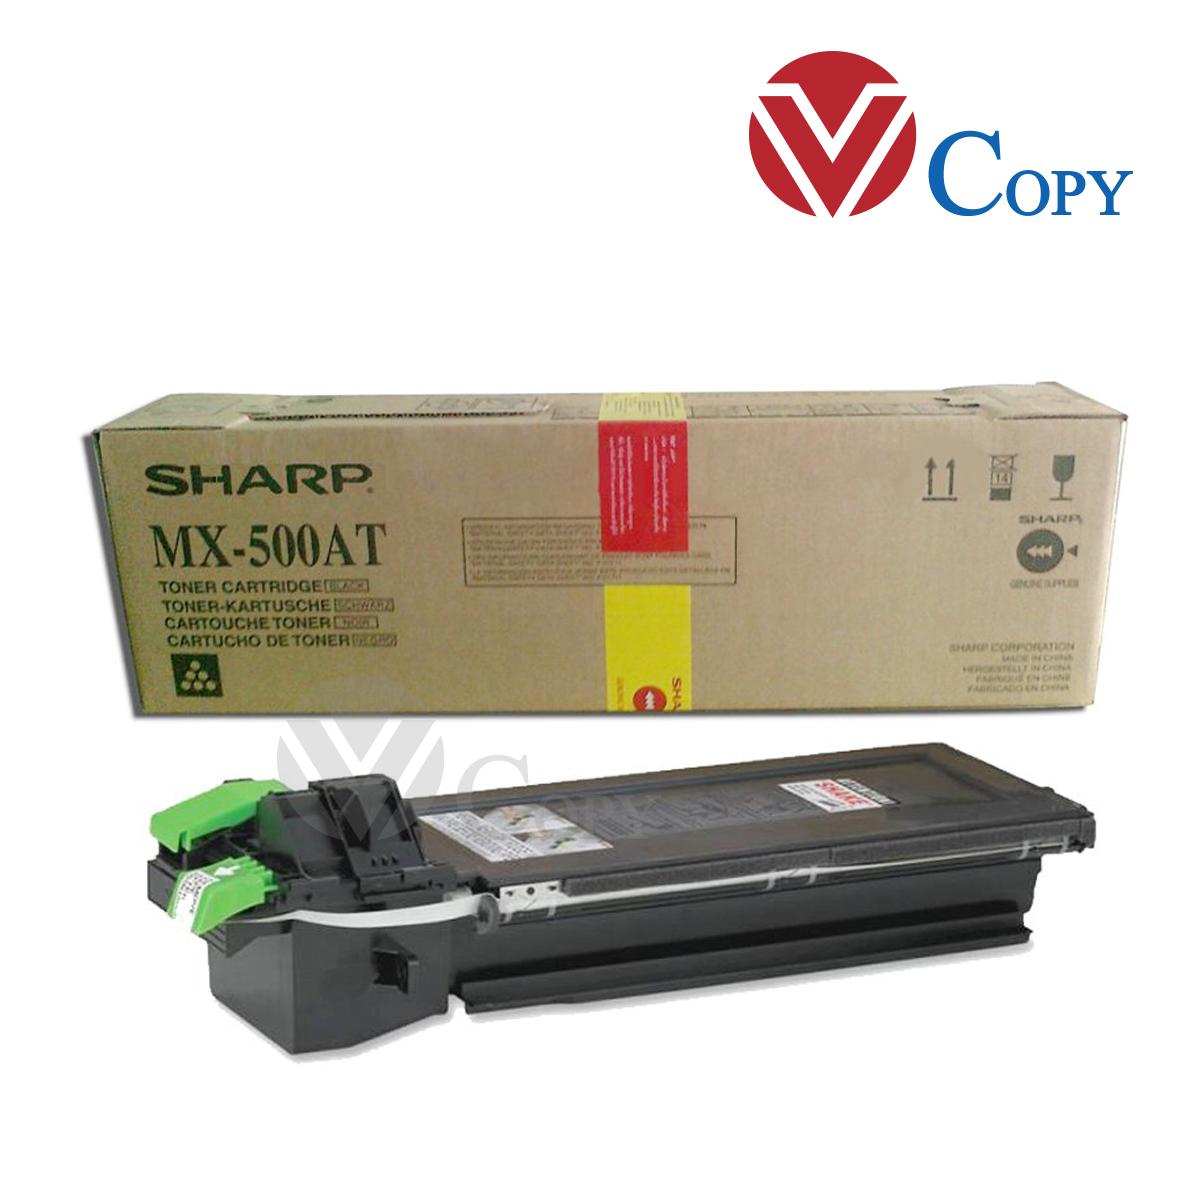 Mực Thương hiệu dùng cho máy photocopy Sharp M363U/ M453U /503U - Cụm Mực MX-500AT - Trọng lượng 500gr